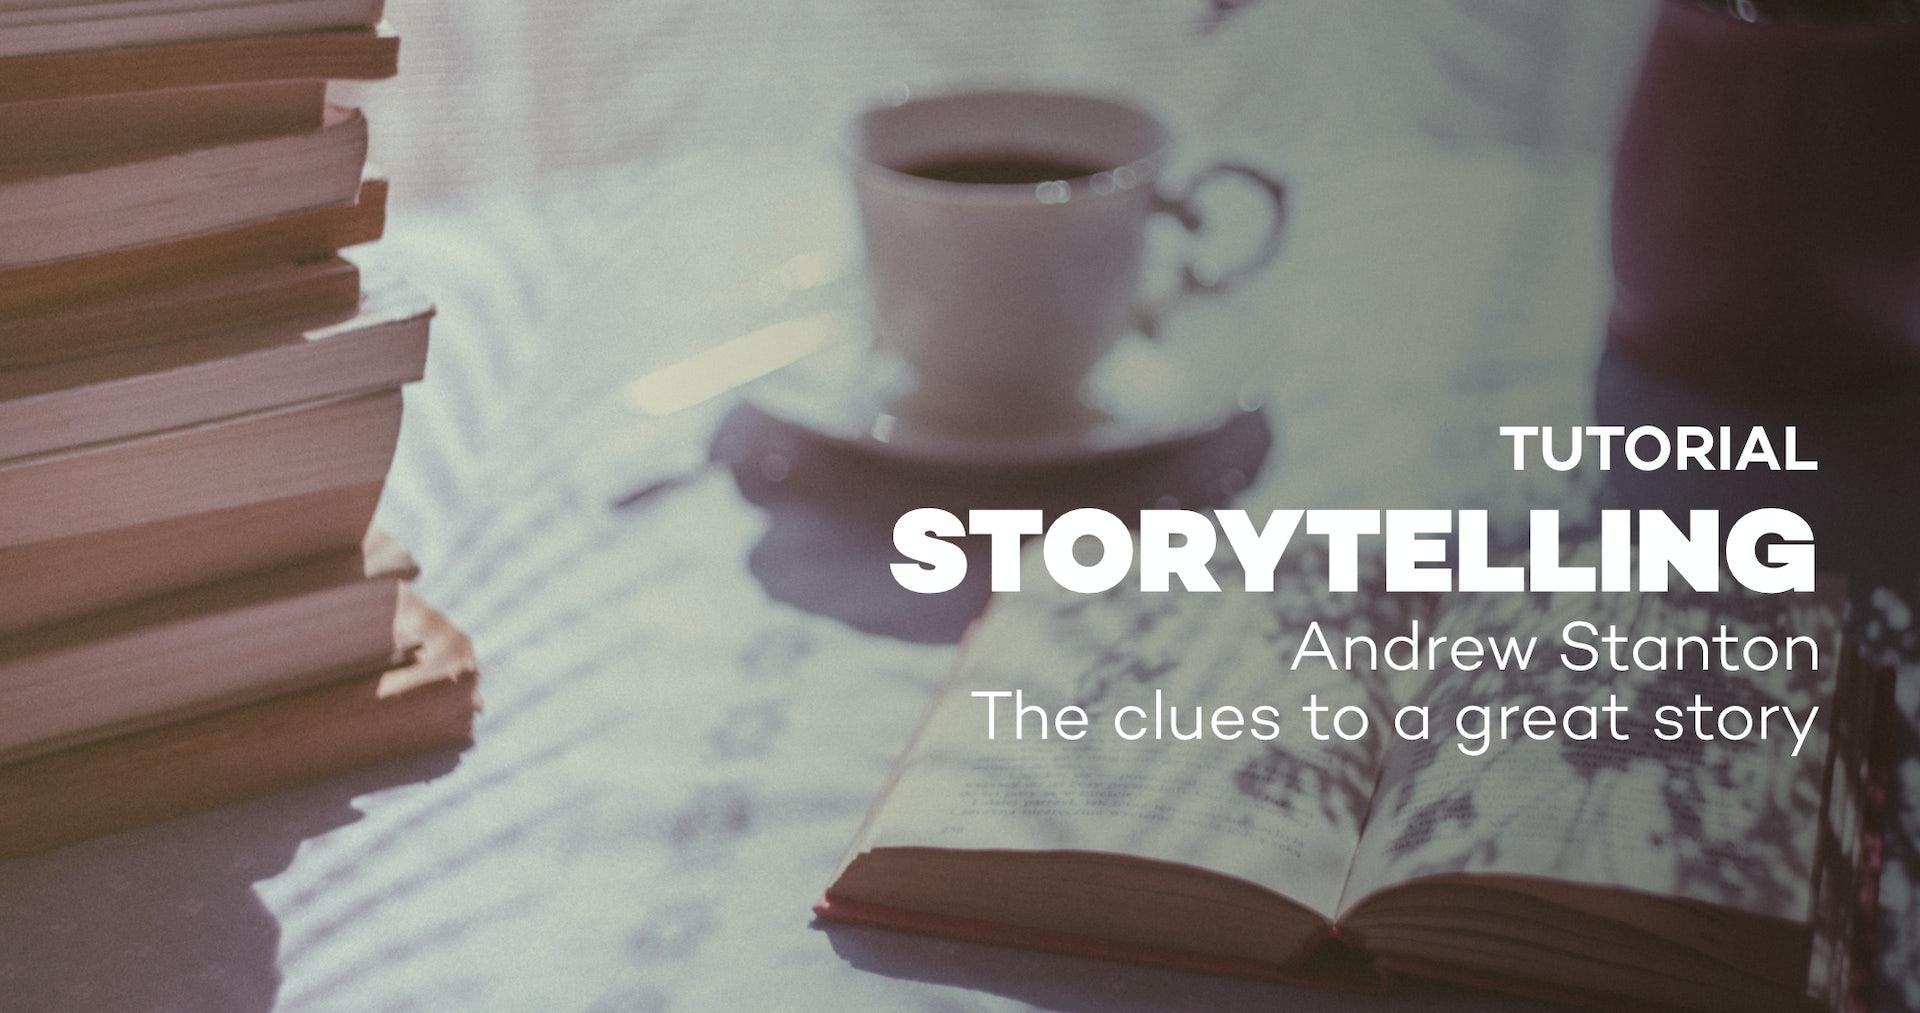 tuto storytelling